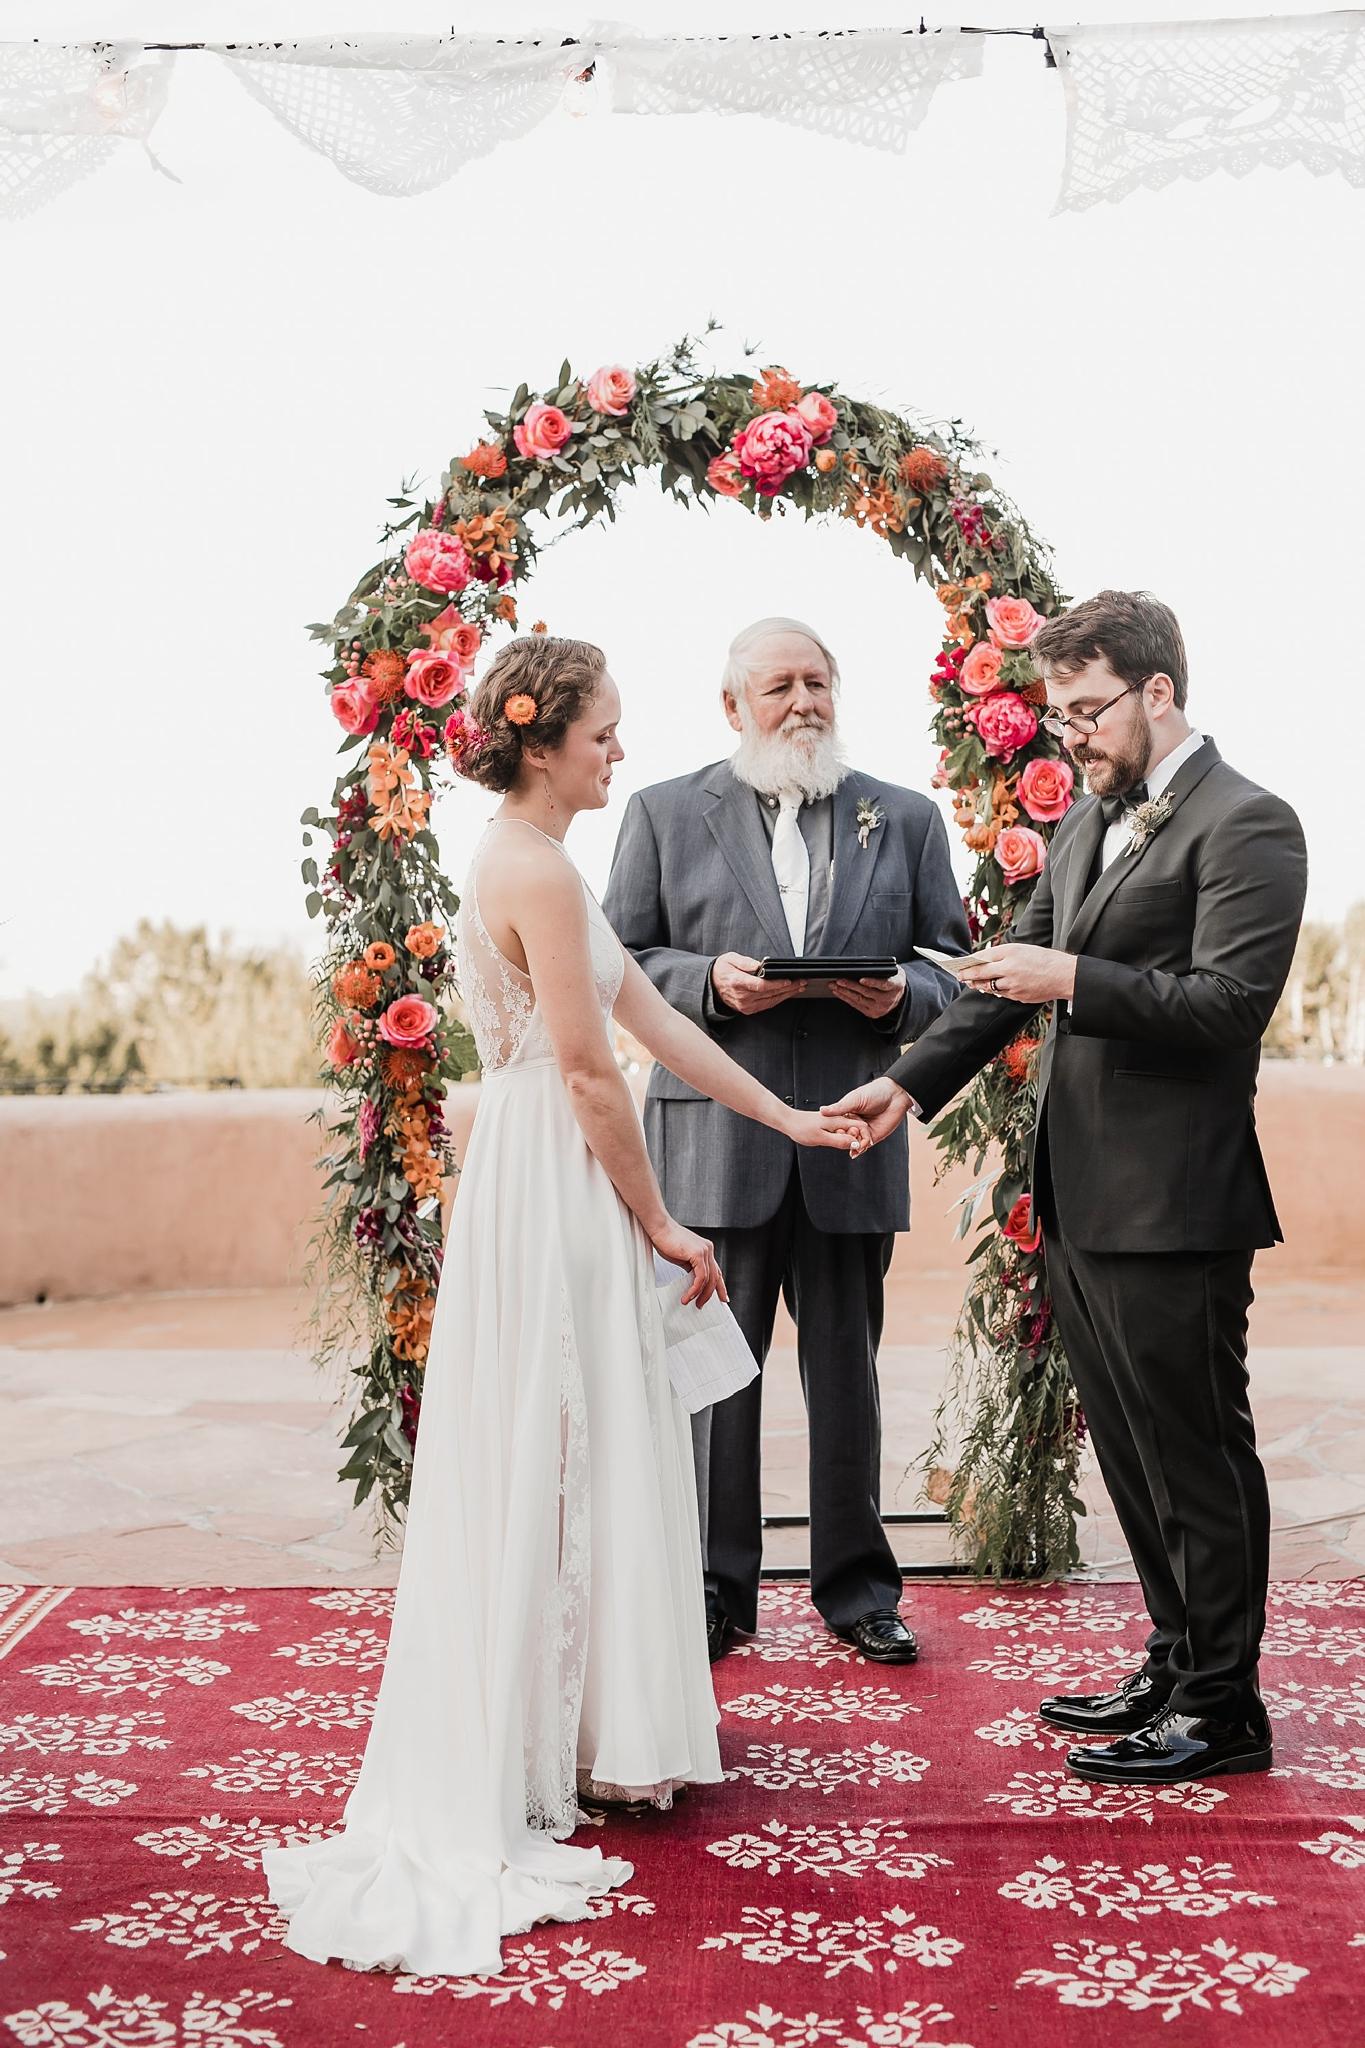 Alicia+lucia+photography+-+albuquerque+wedding+photographer+-+santa+fe+wedding+photography+-+new+mexico+wedding+photographer+-+new+mexico+wedding+-+wedding+vows+-+writing+your+own+vows+-+wedding+inspo_0033.jpg